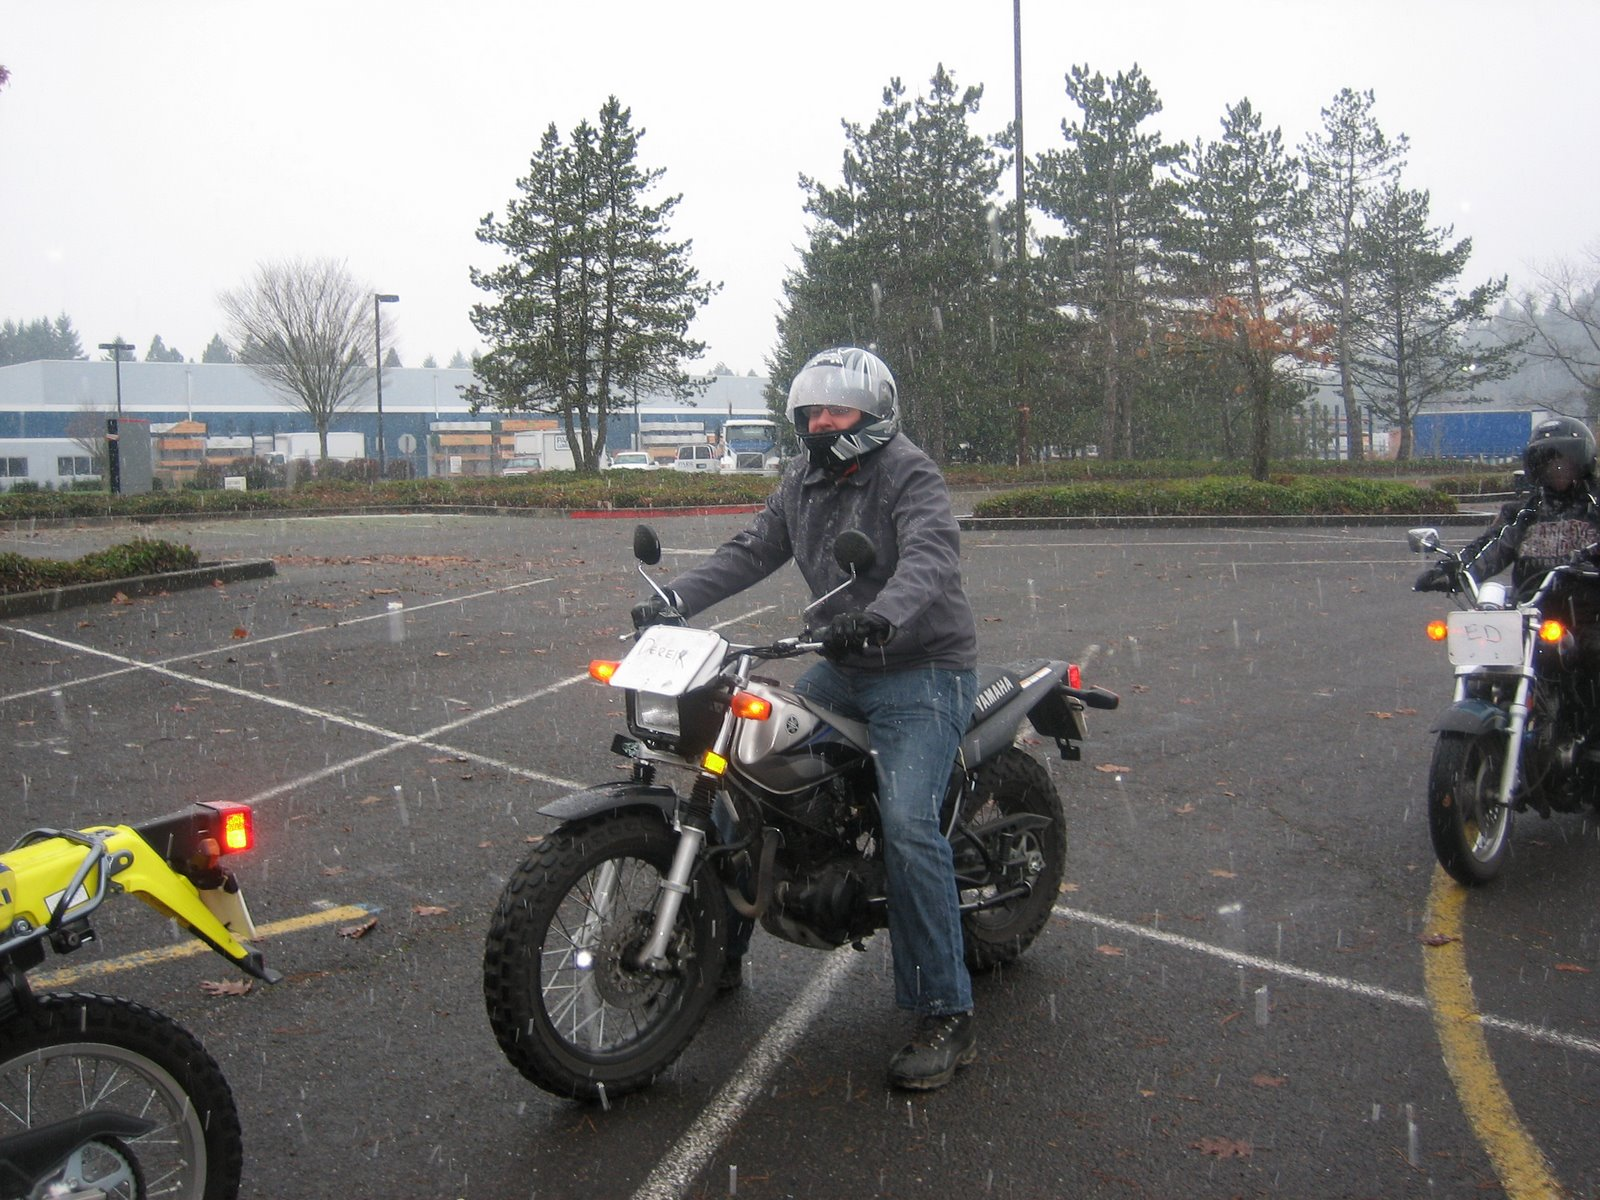 [Snow+bike+3]